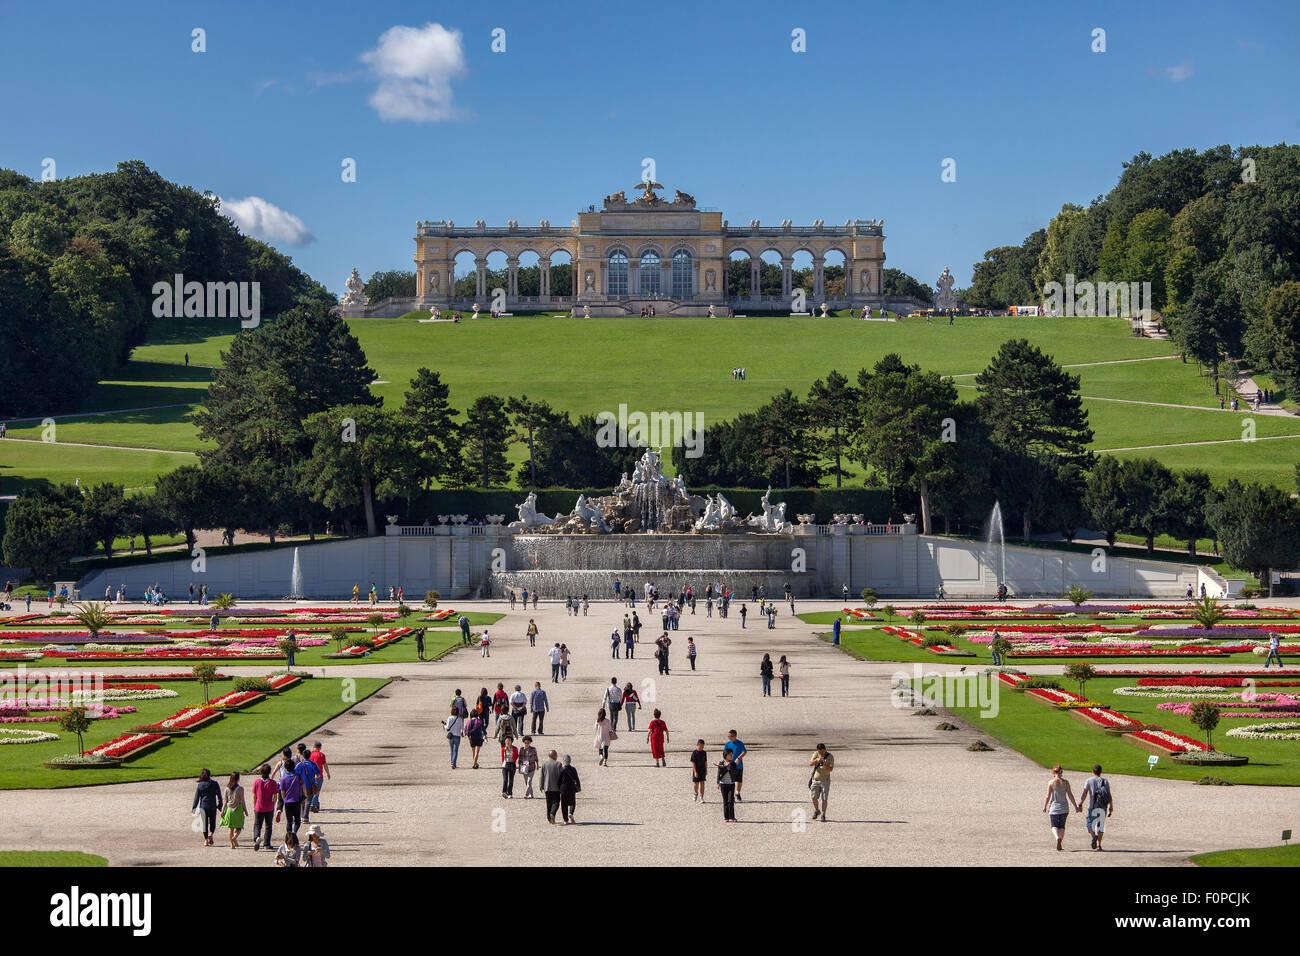 Chapelle du château des capacités dans les jardins du palais Schloss Schönbrunn, Site du patrimoine mondial de l'UNESCO, Vienne, Autriche, Europe Banque D'Images